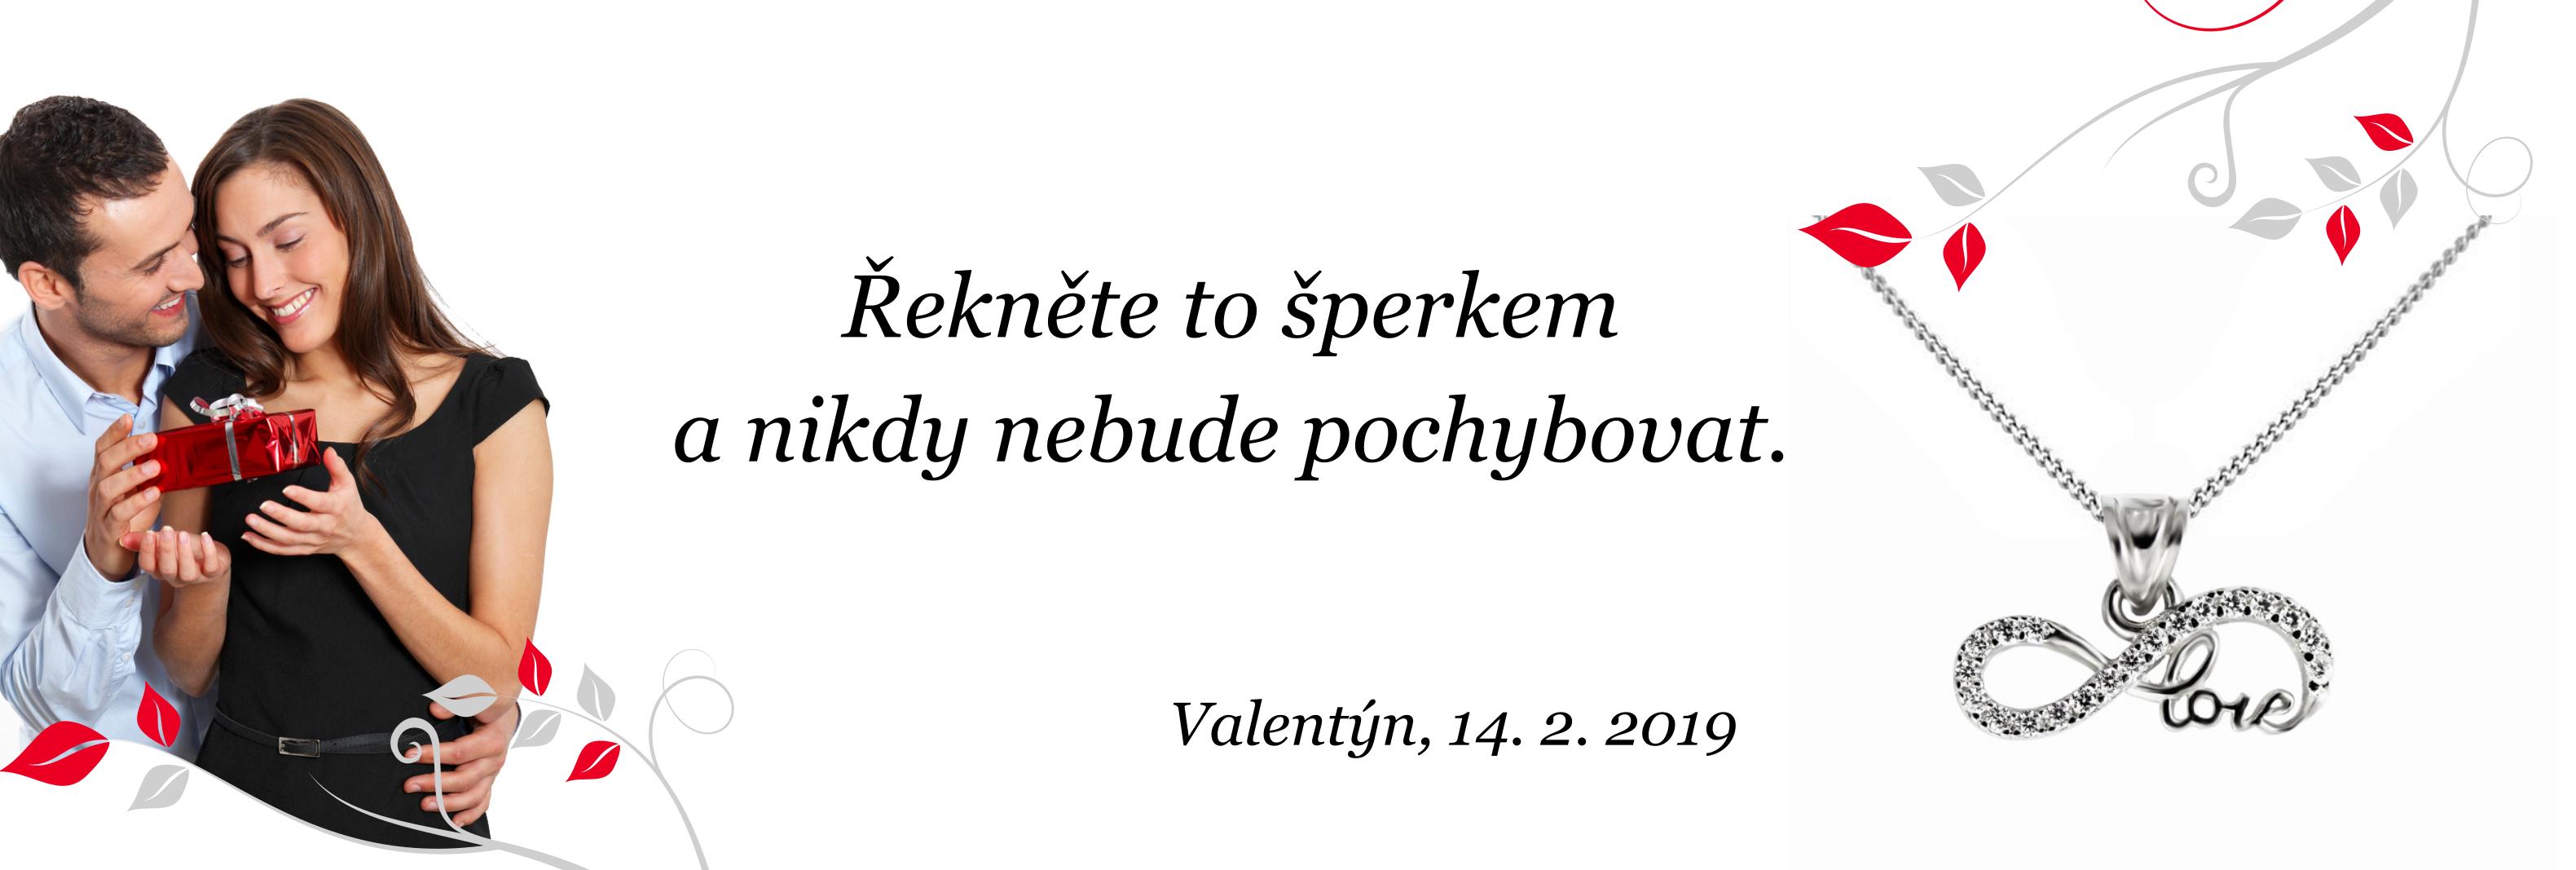 Valentýn 2019 - řekněte to šperkem a nikdy nebudete pochybovat